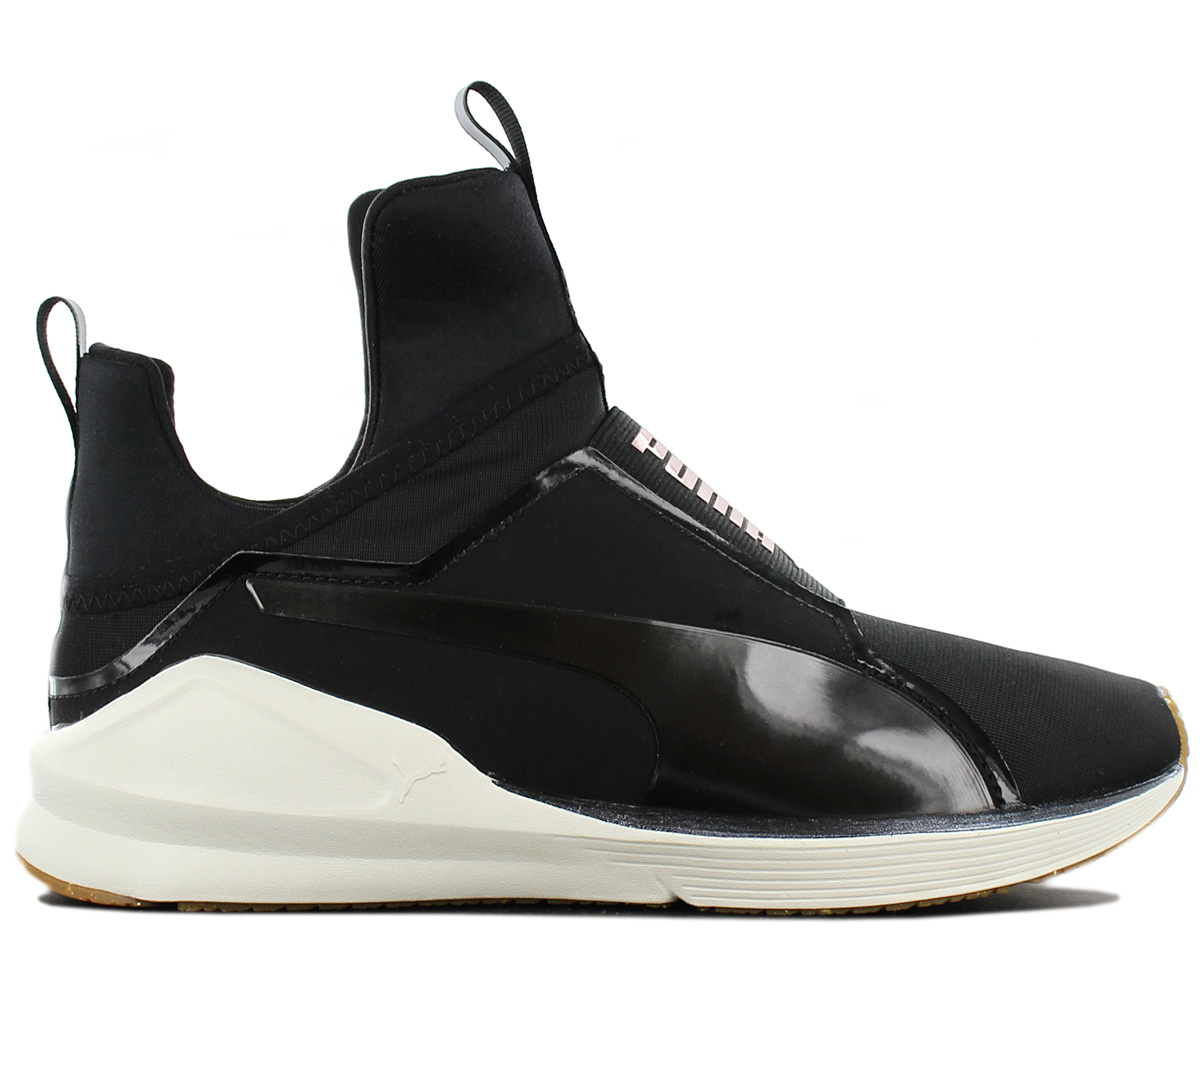 23cc050d0d8 Puma Fierce VR Velvet Rope Ladies Sneaker Shoes 190347-01 Trainers ...